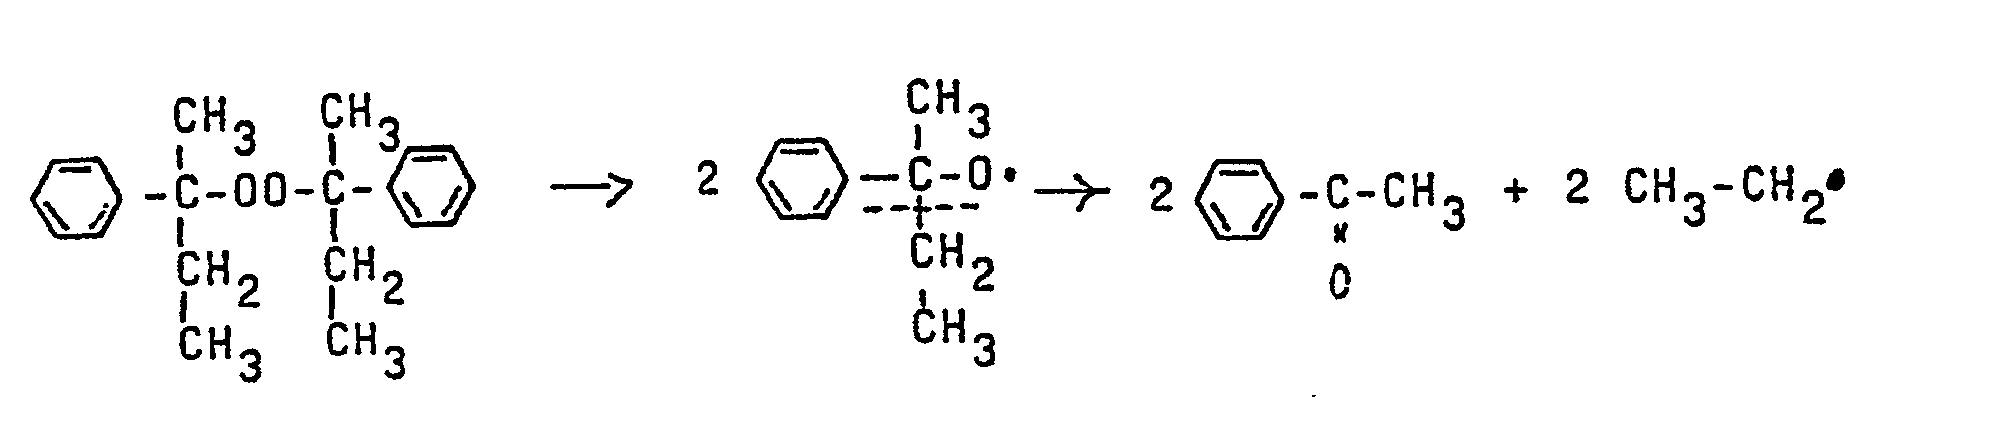 EP0444604A2 - Crosslinking of fluorrubber via crosslinking ...